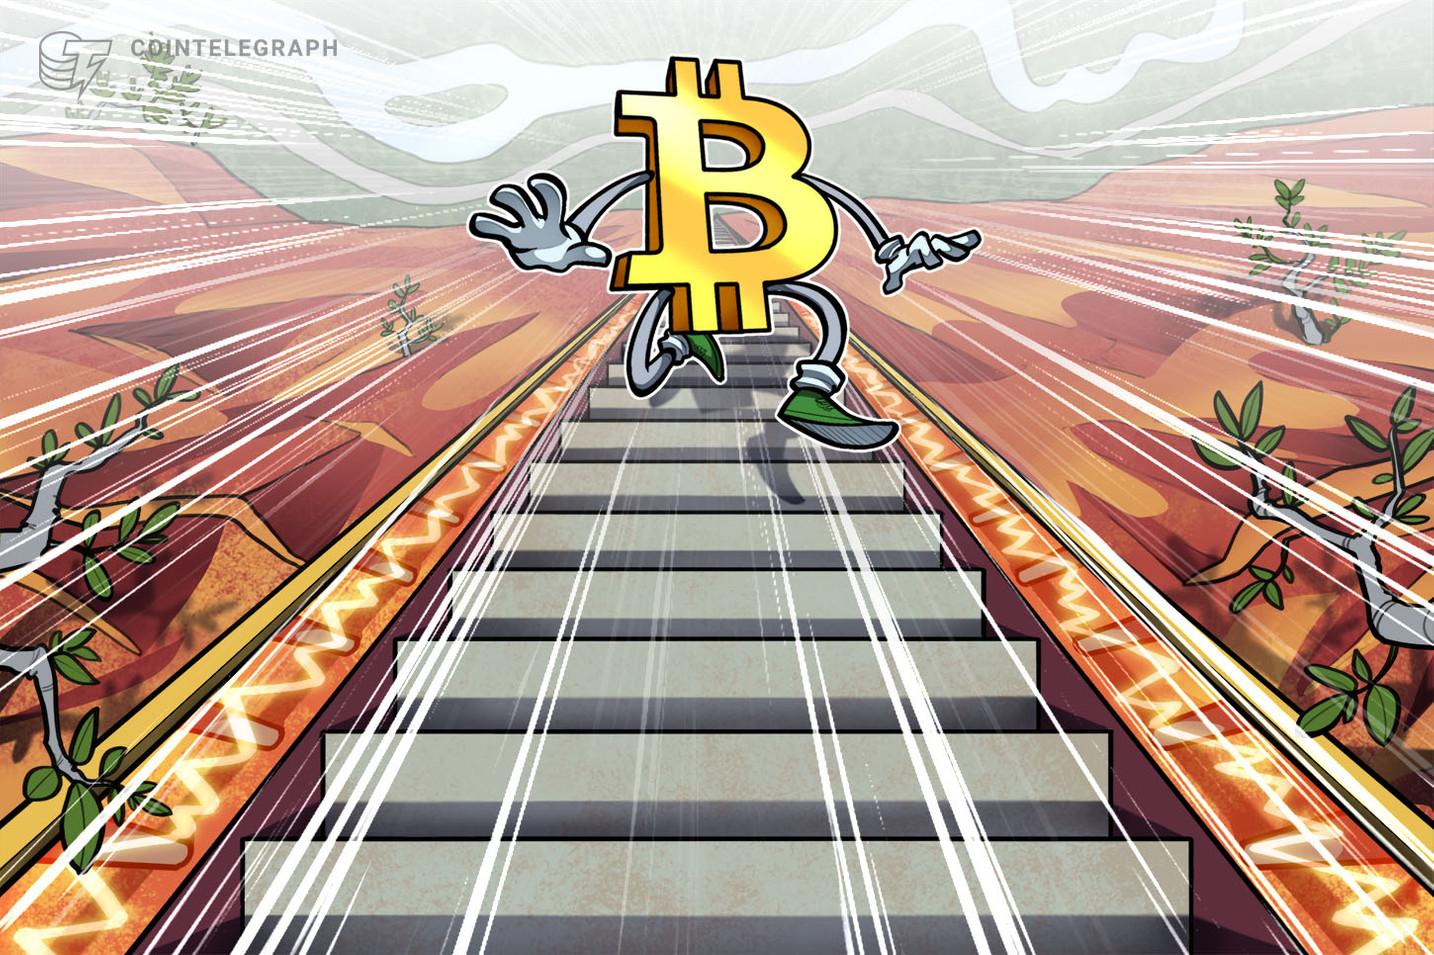 2 fiyat göstergesi, Bitcoin fiyatında dibin görülmediğine işaret ediyor